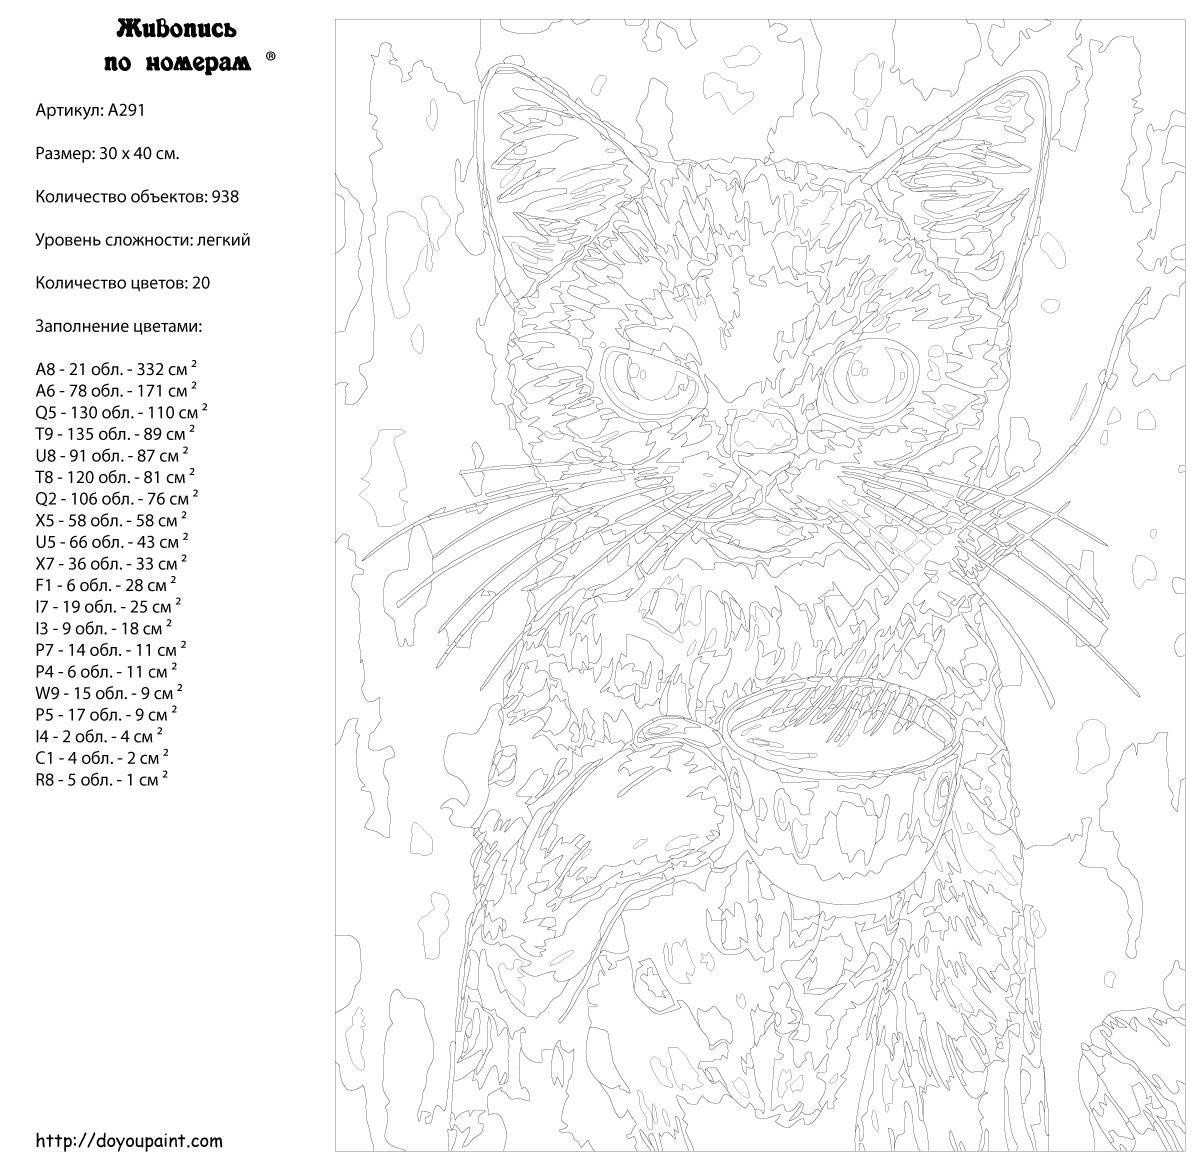 Картины по номерам и контурам, уровень сложности - 1 в москве